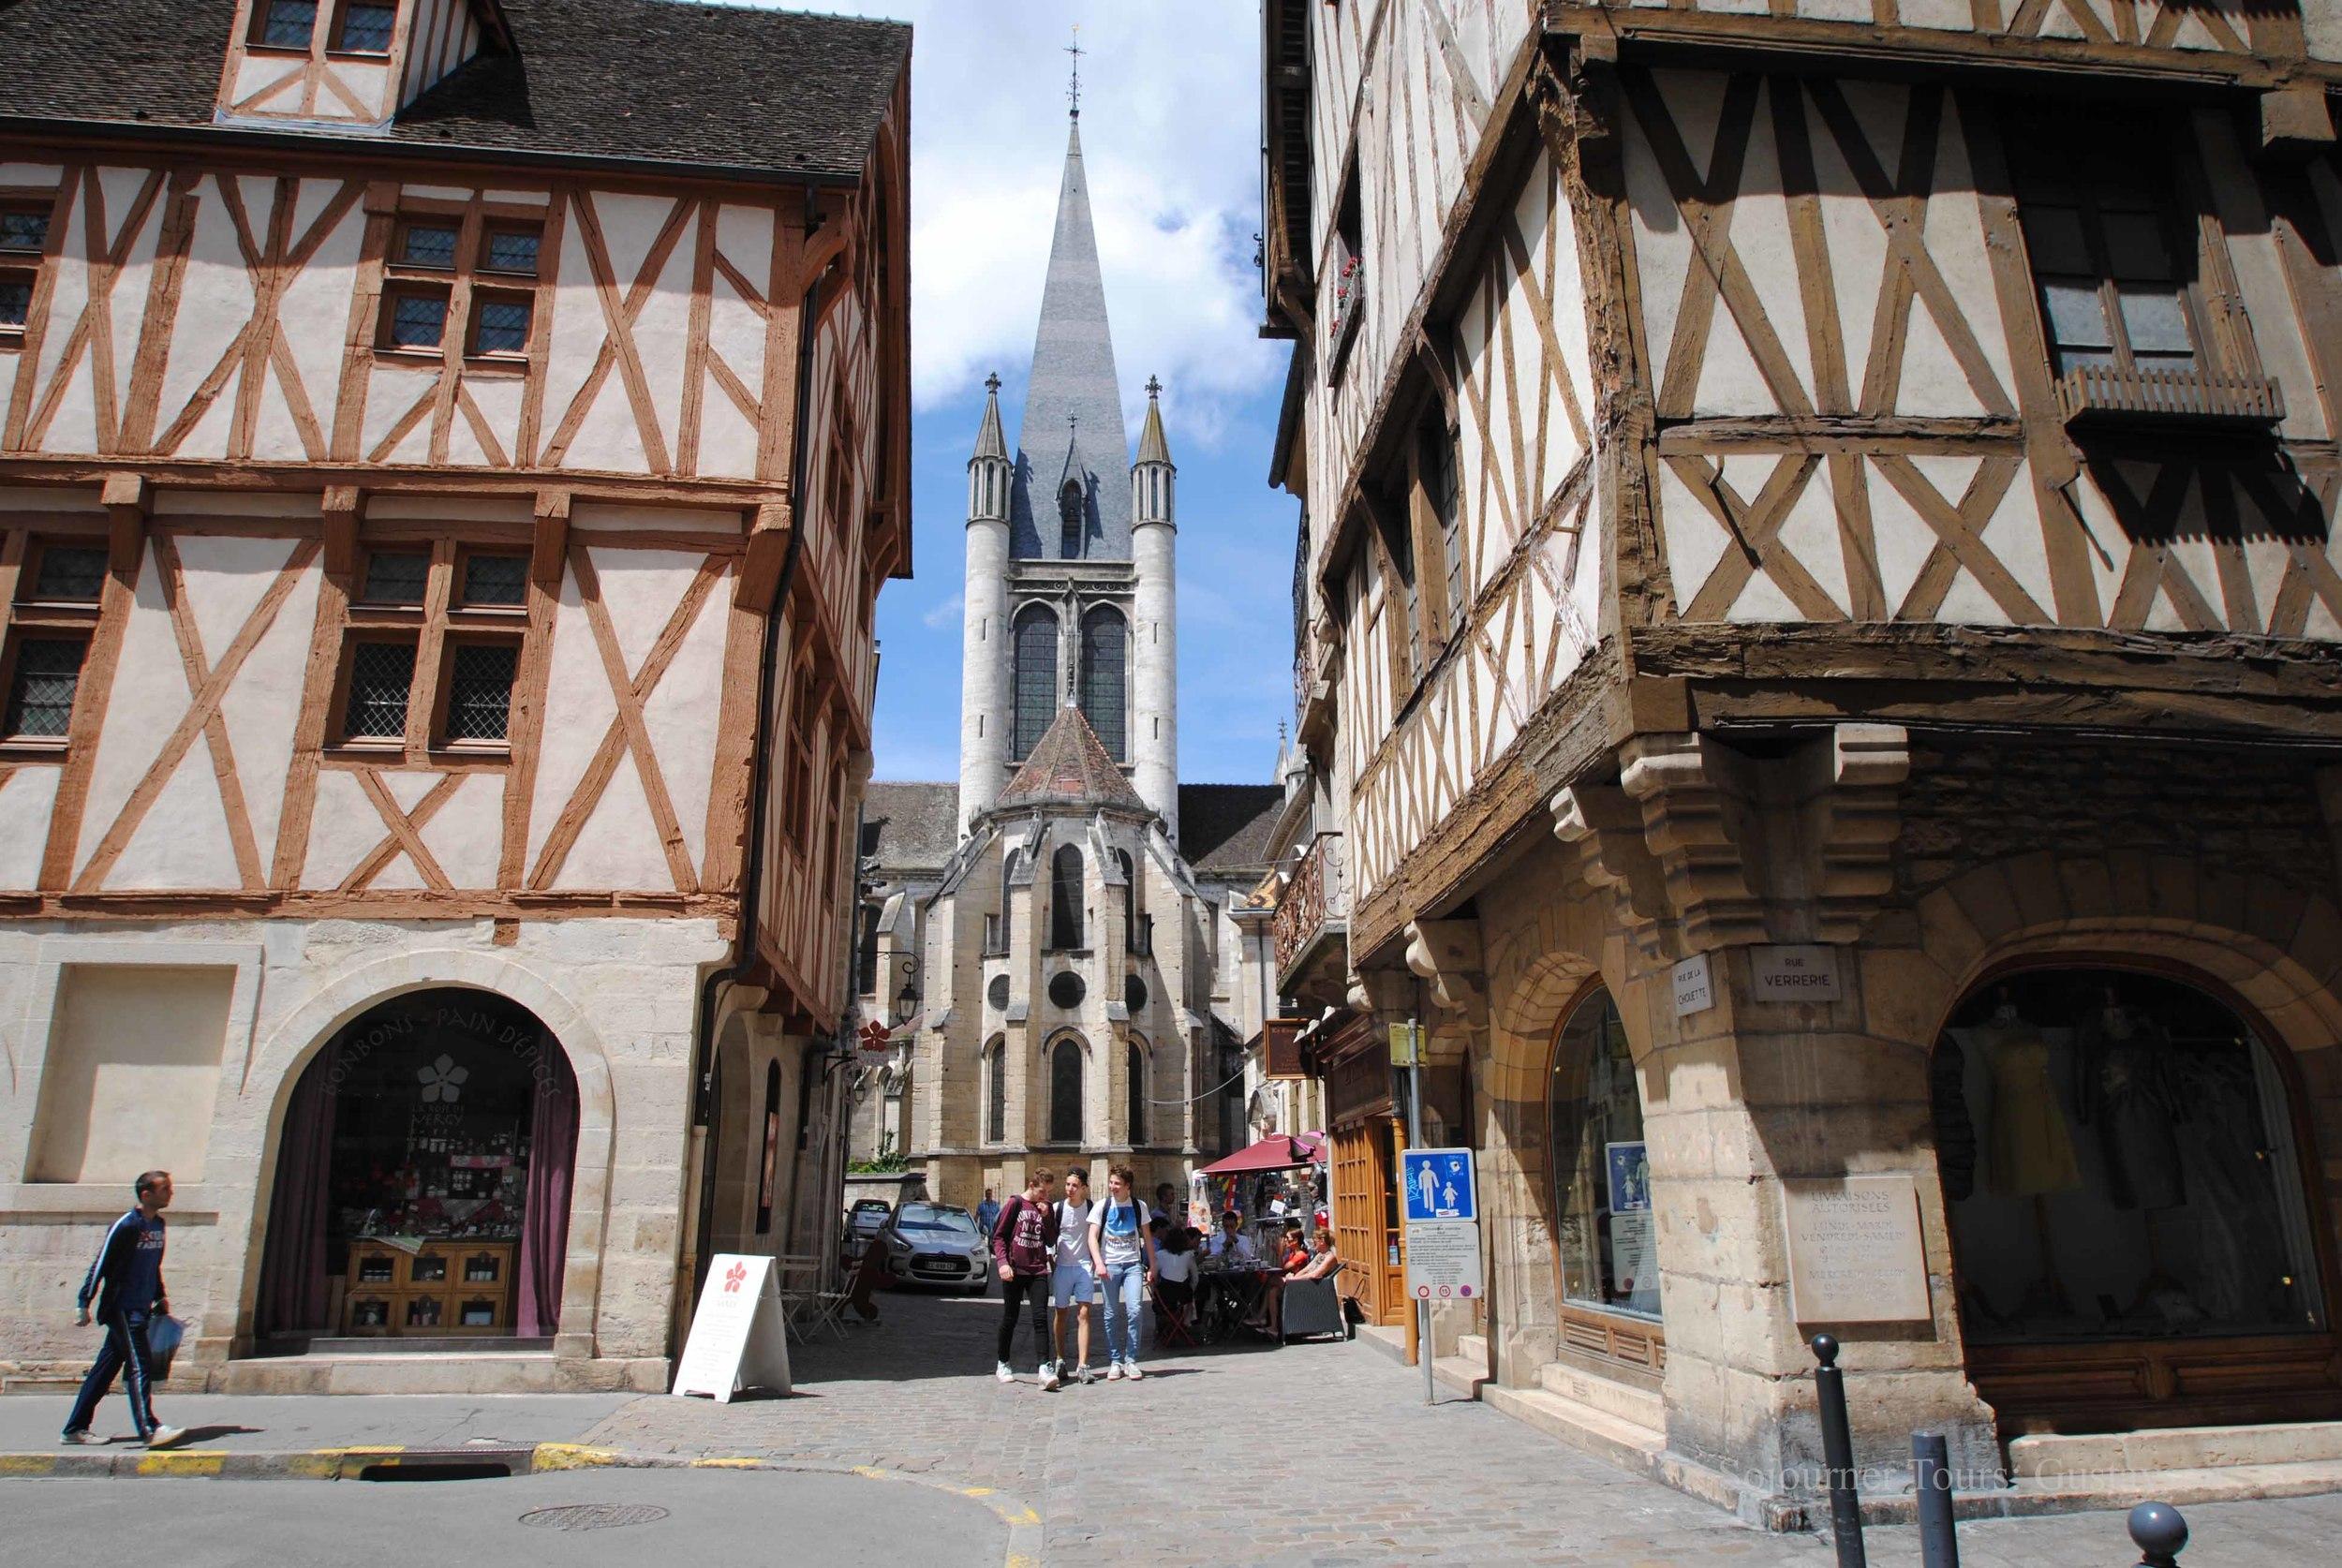 Dijon, France (Sojourner Tours)